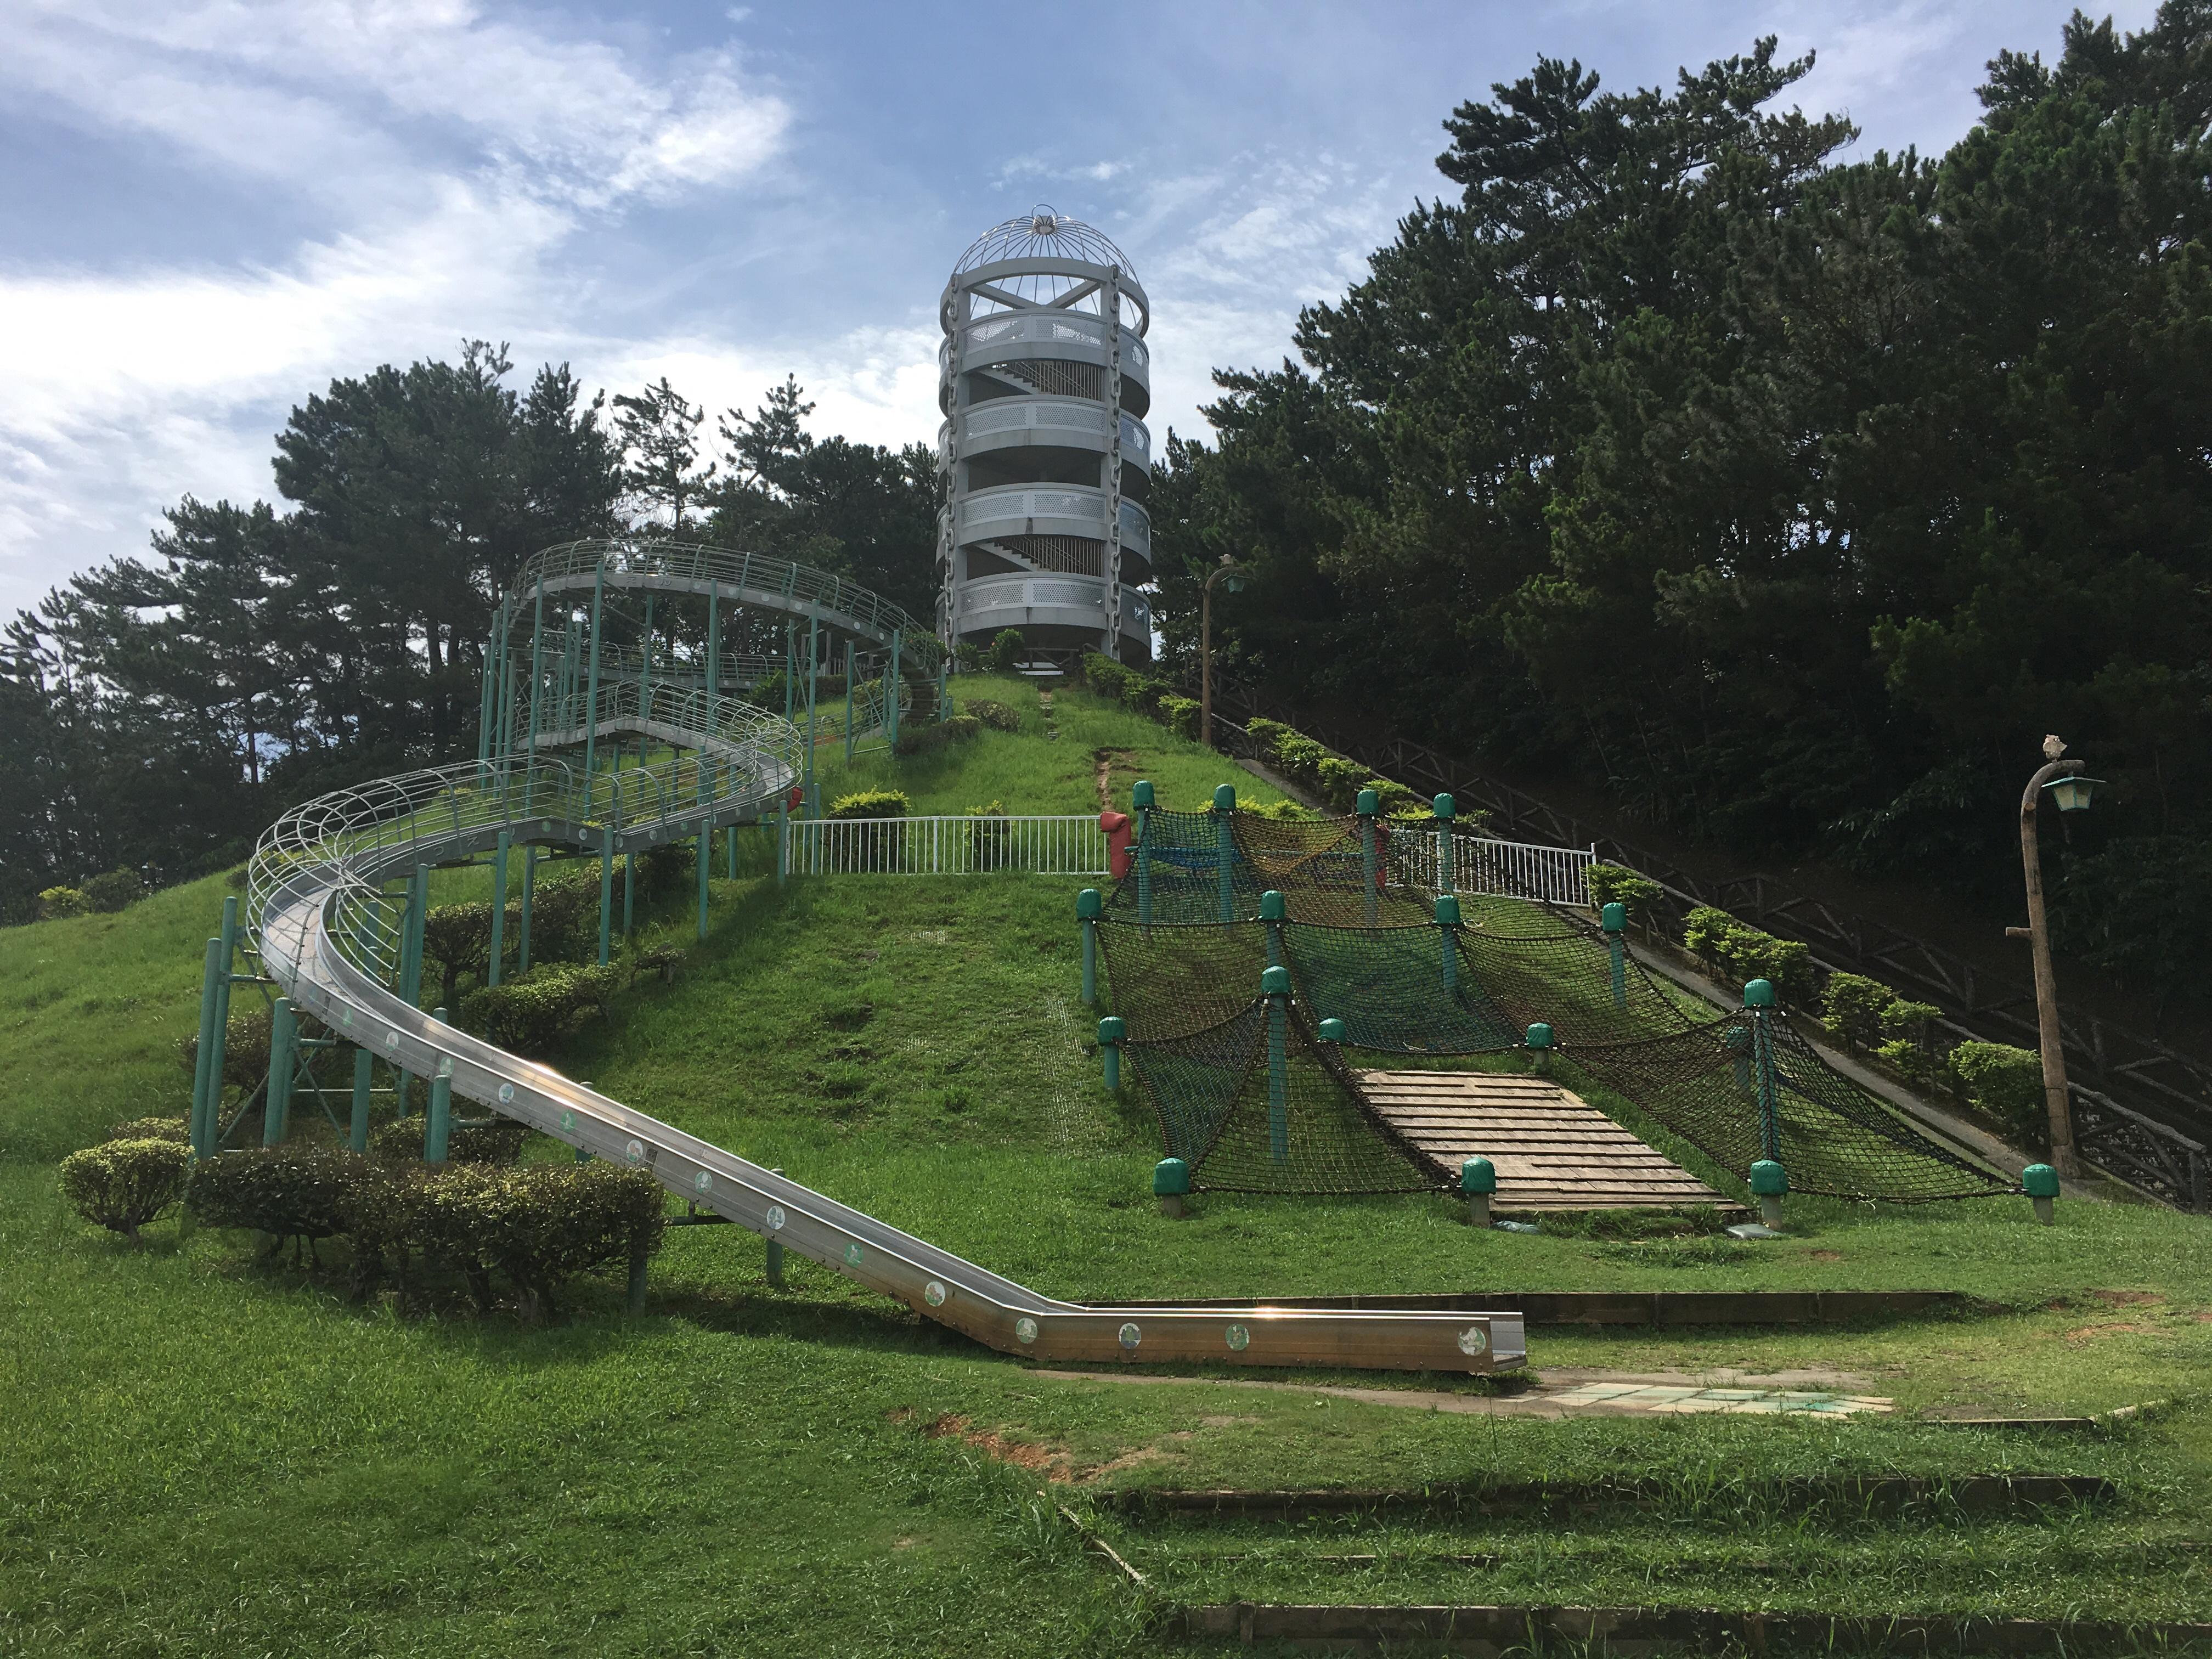 桃原公園の滑り台と展望台